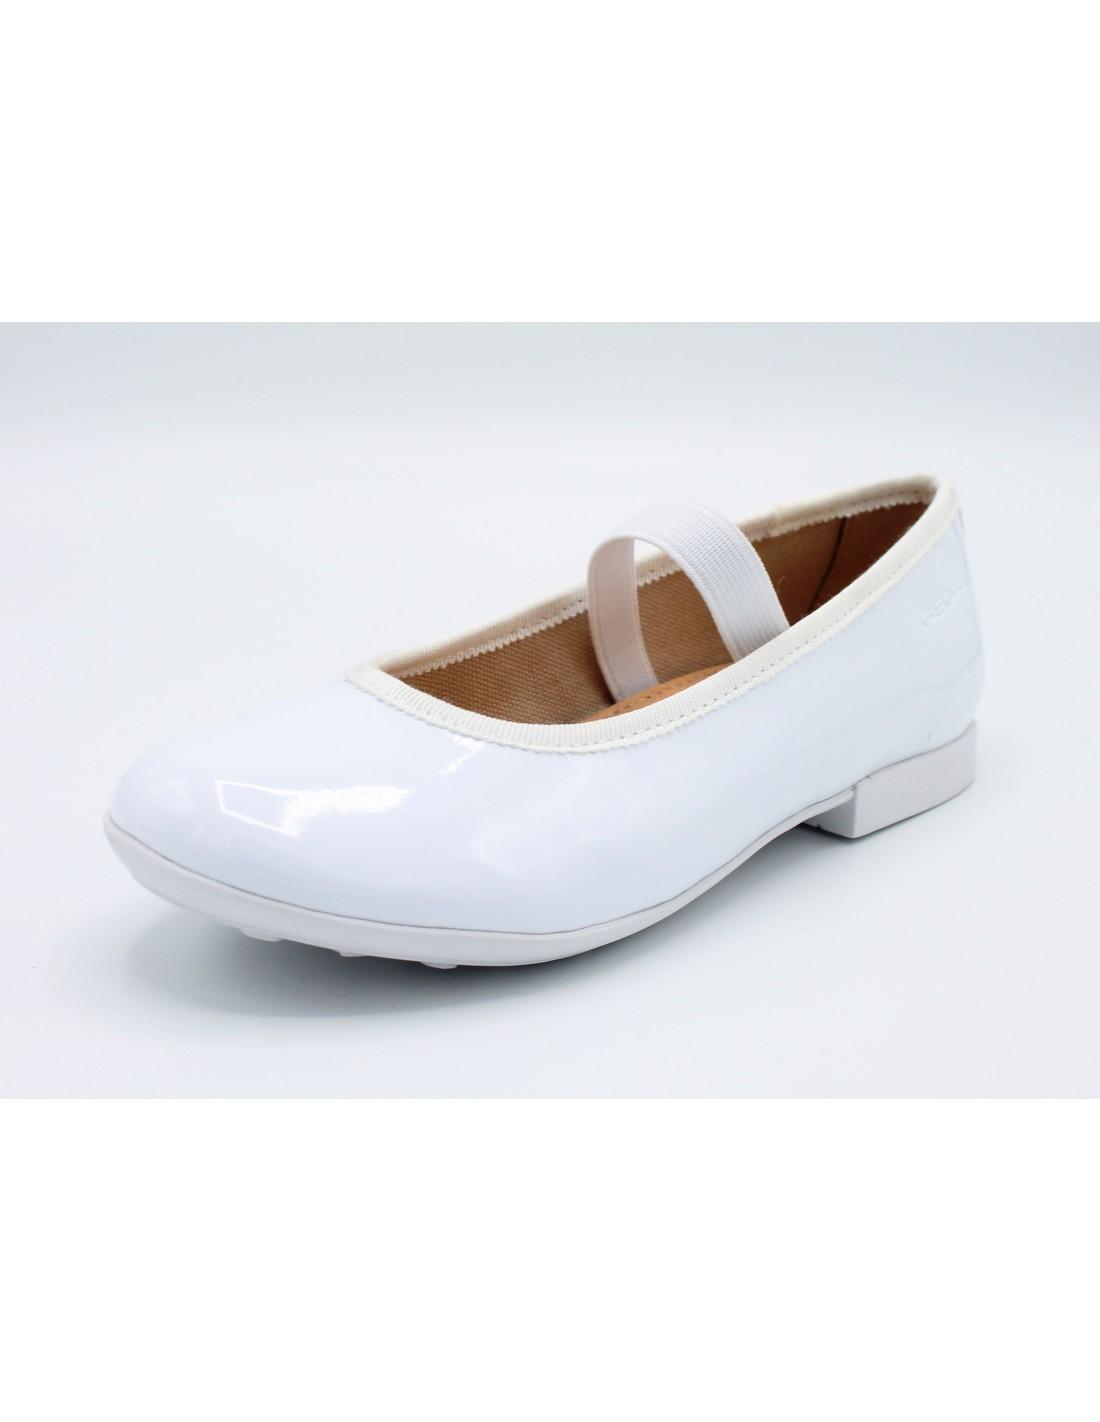 Dettagli su Geox scarpe da Bambina Ballerine Eleganti per Cerimonia Comunione Ragazza Bimba